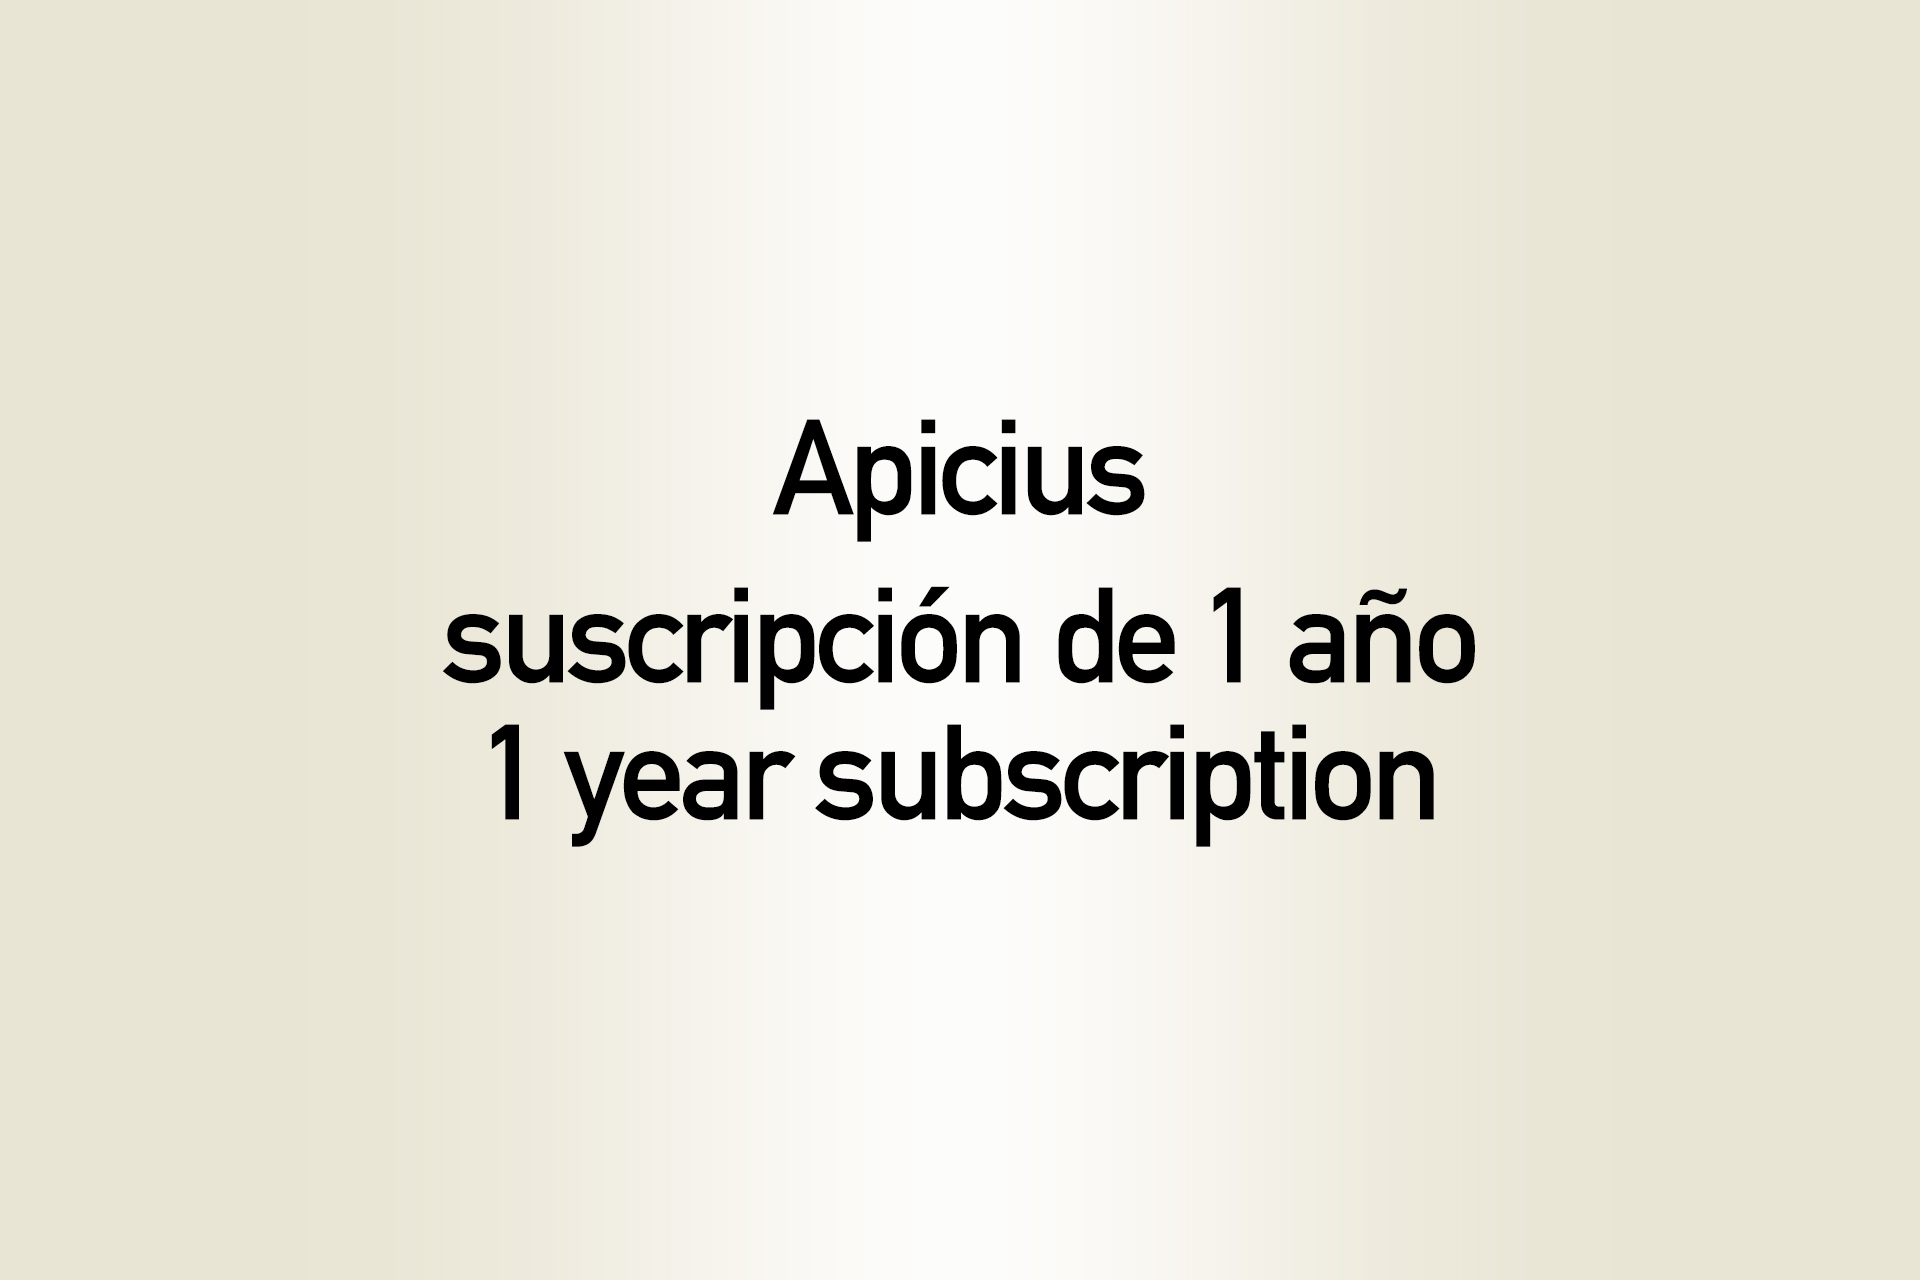 APICIUS_sus1_es-5